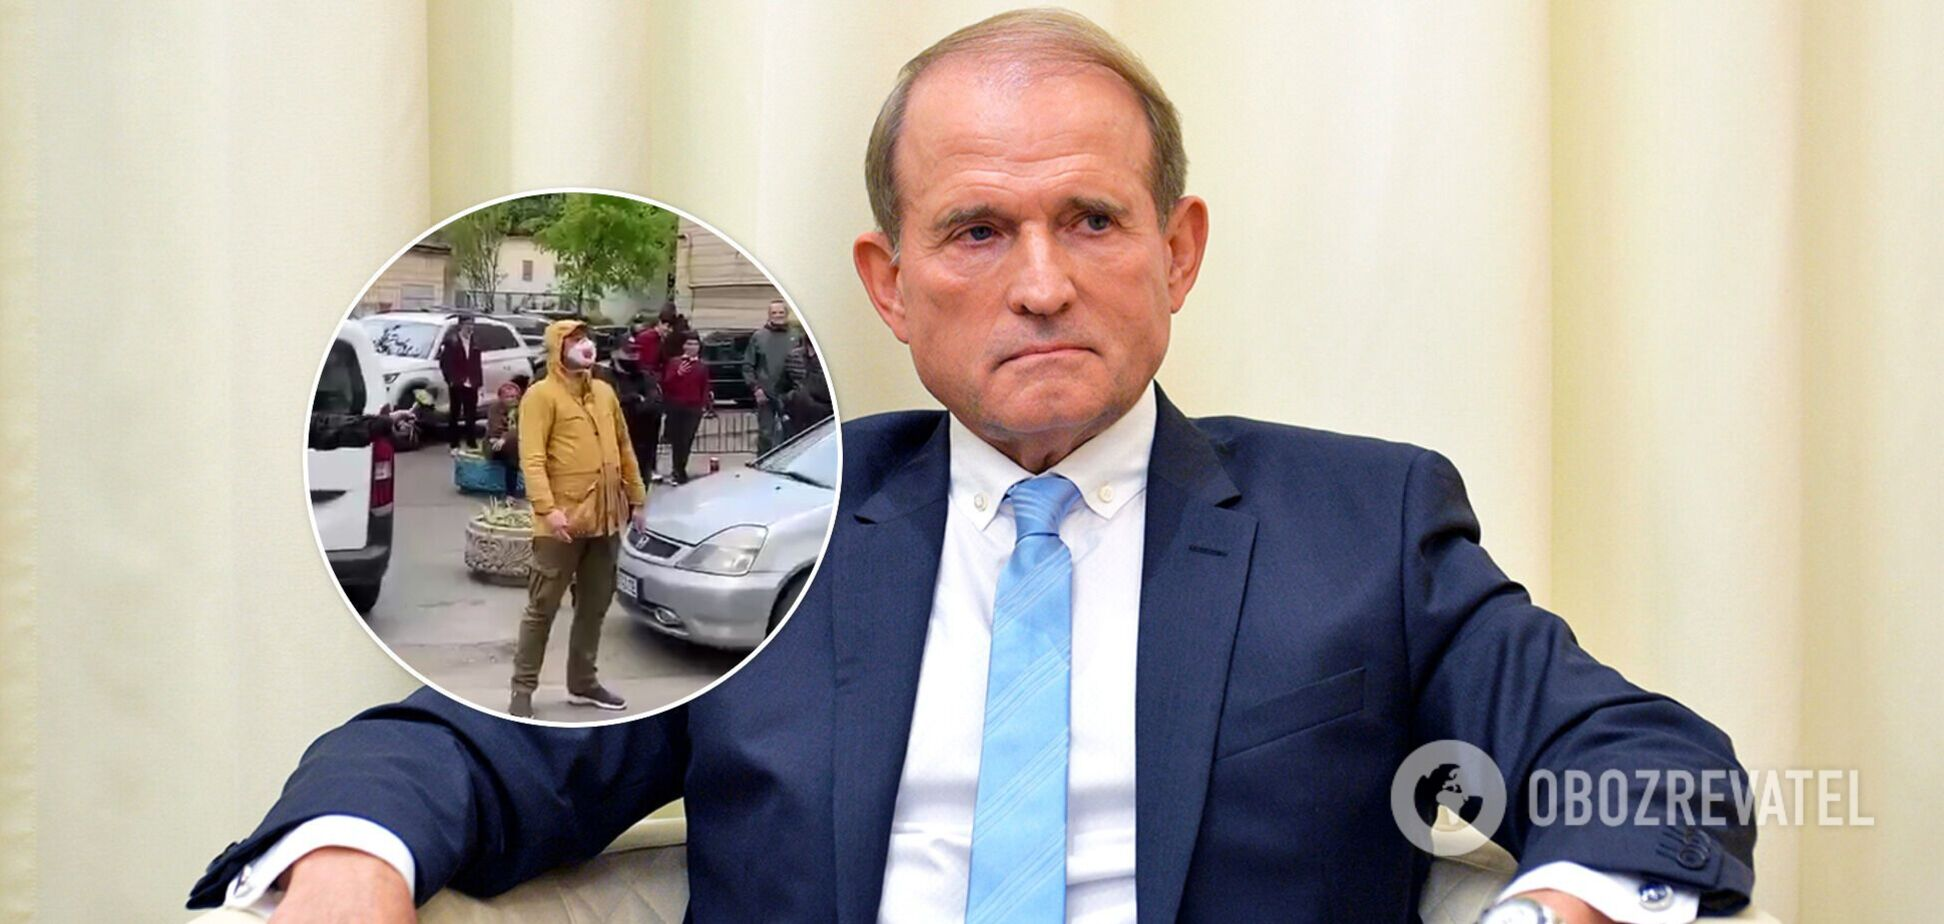 Журналіст біля Офісу генпрокурора назвав Медведчука 'дияволом', який 'загине в пеклі'. Курйозне відео